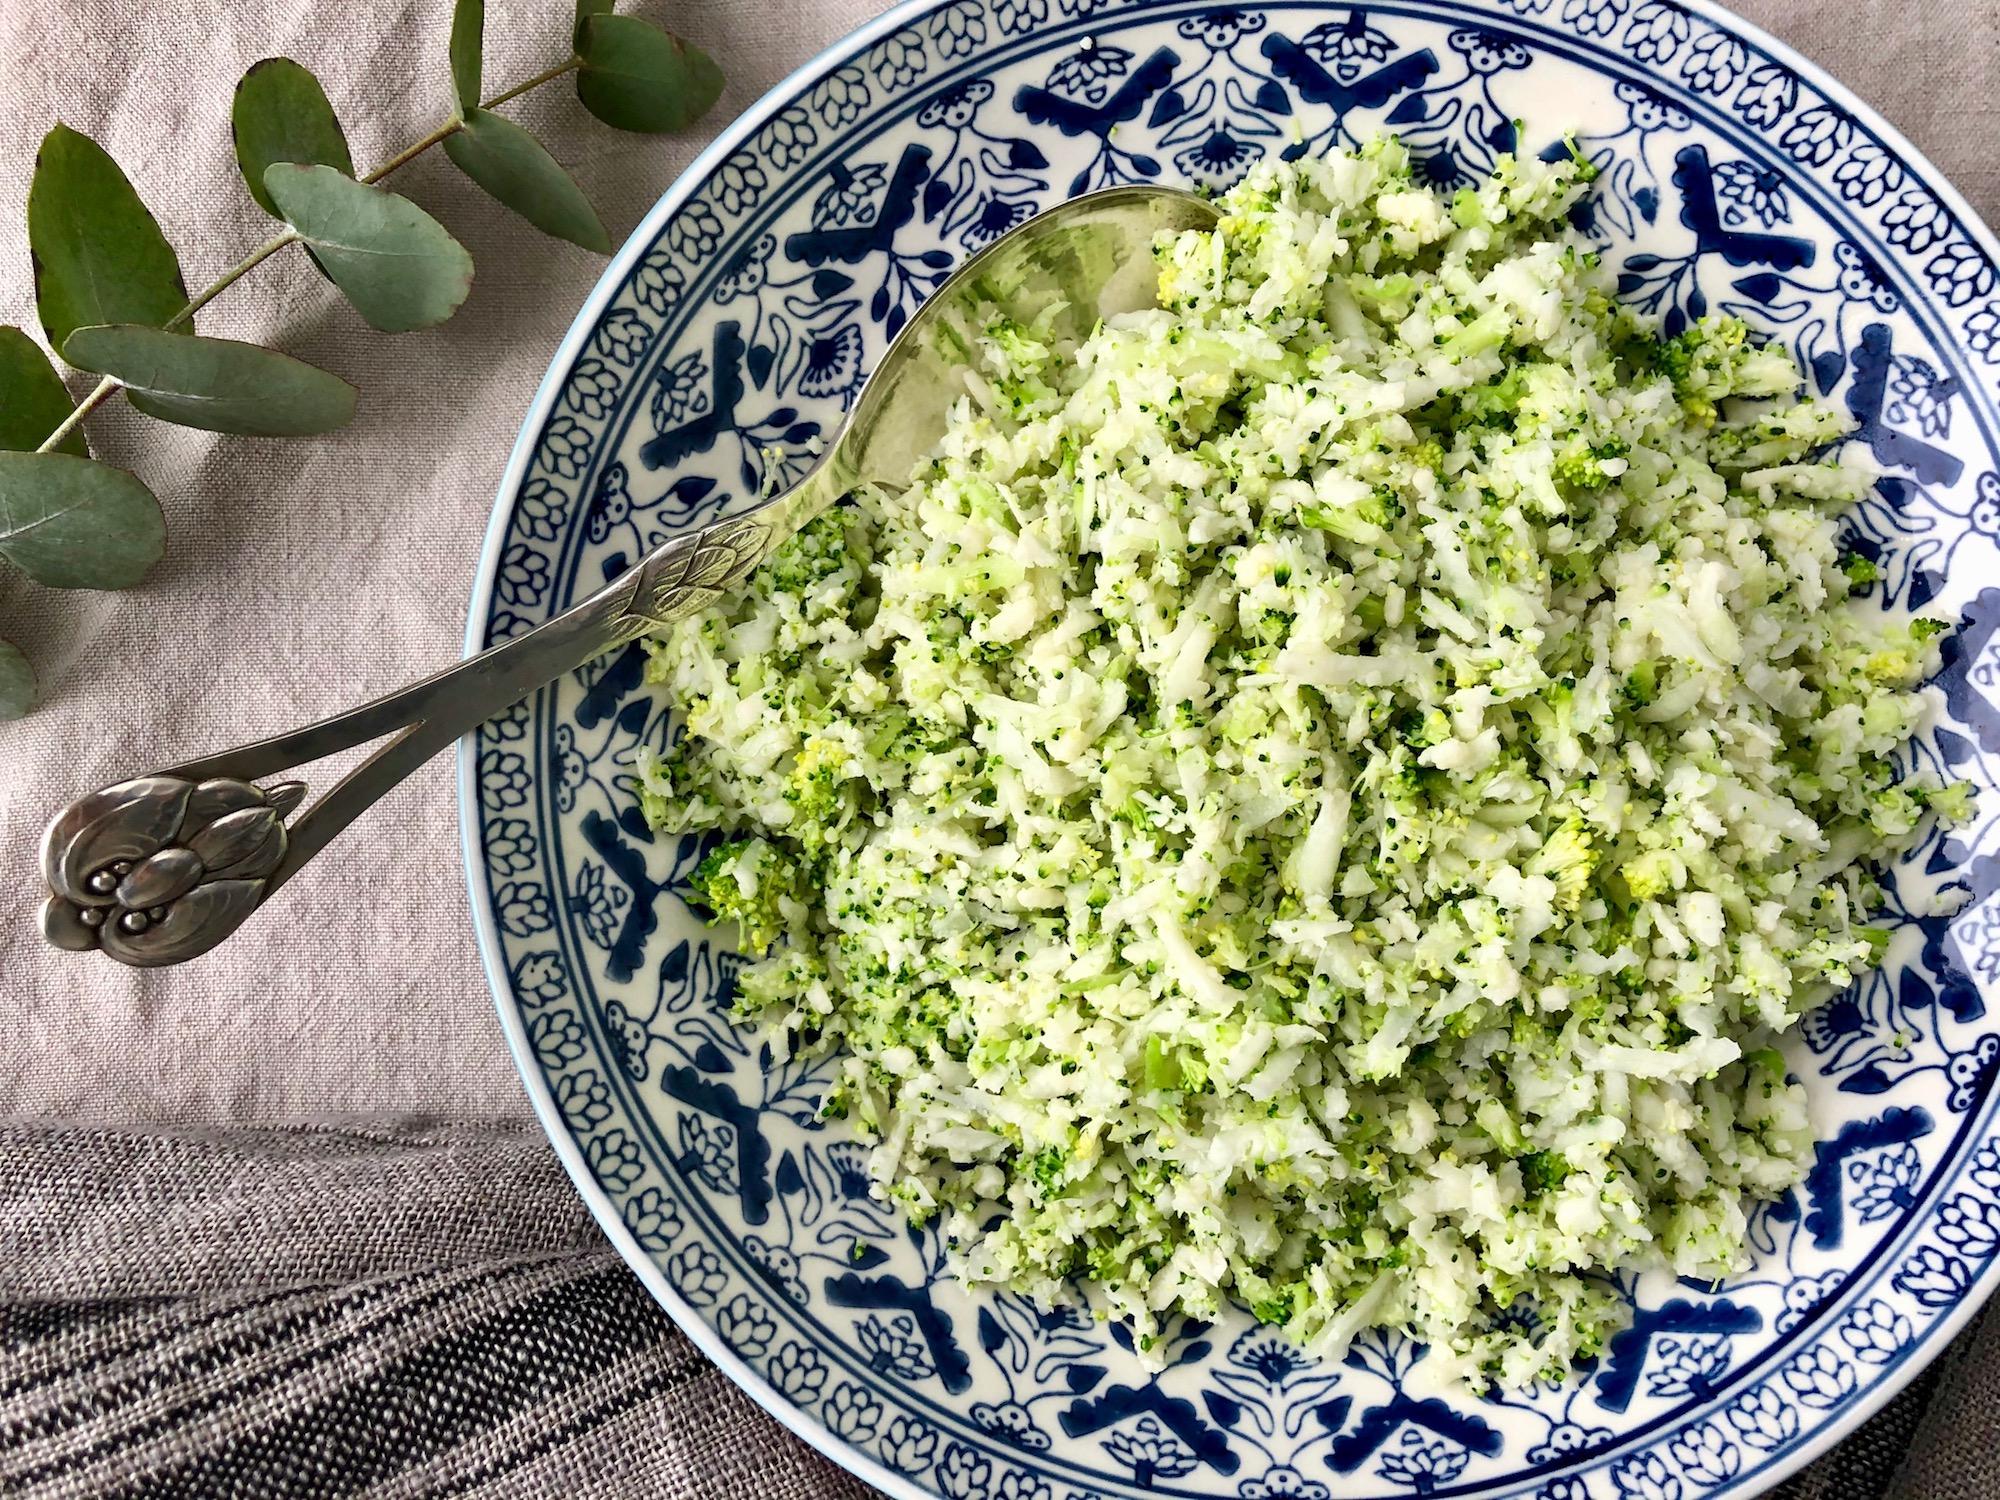 Blomkål och broccoliris